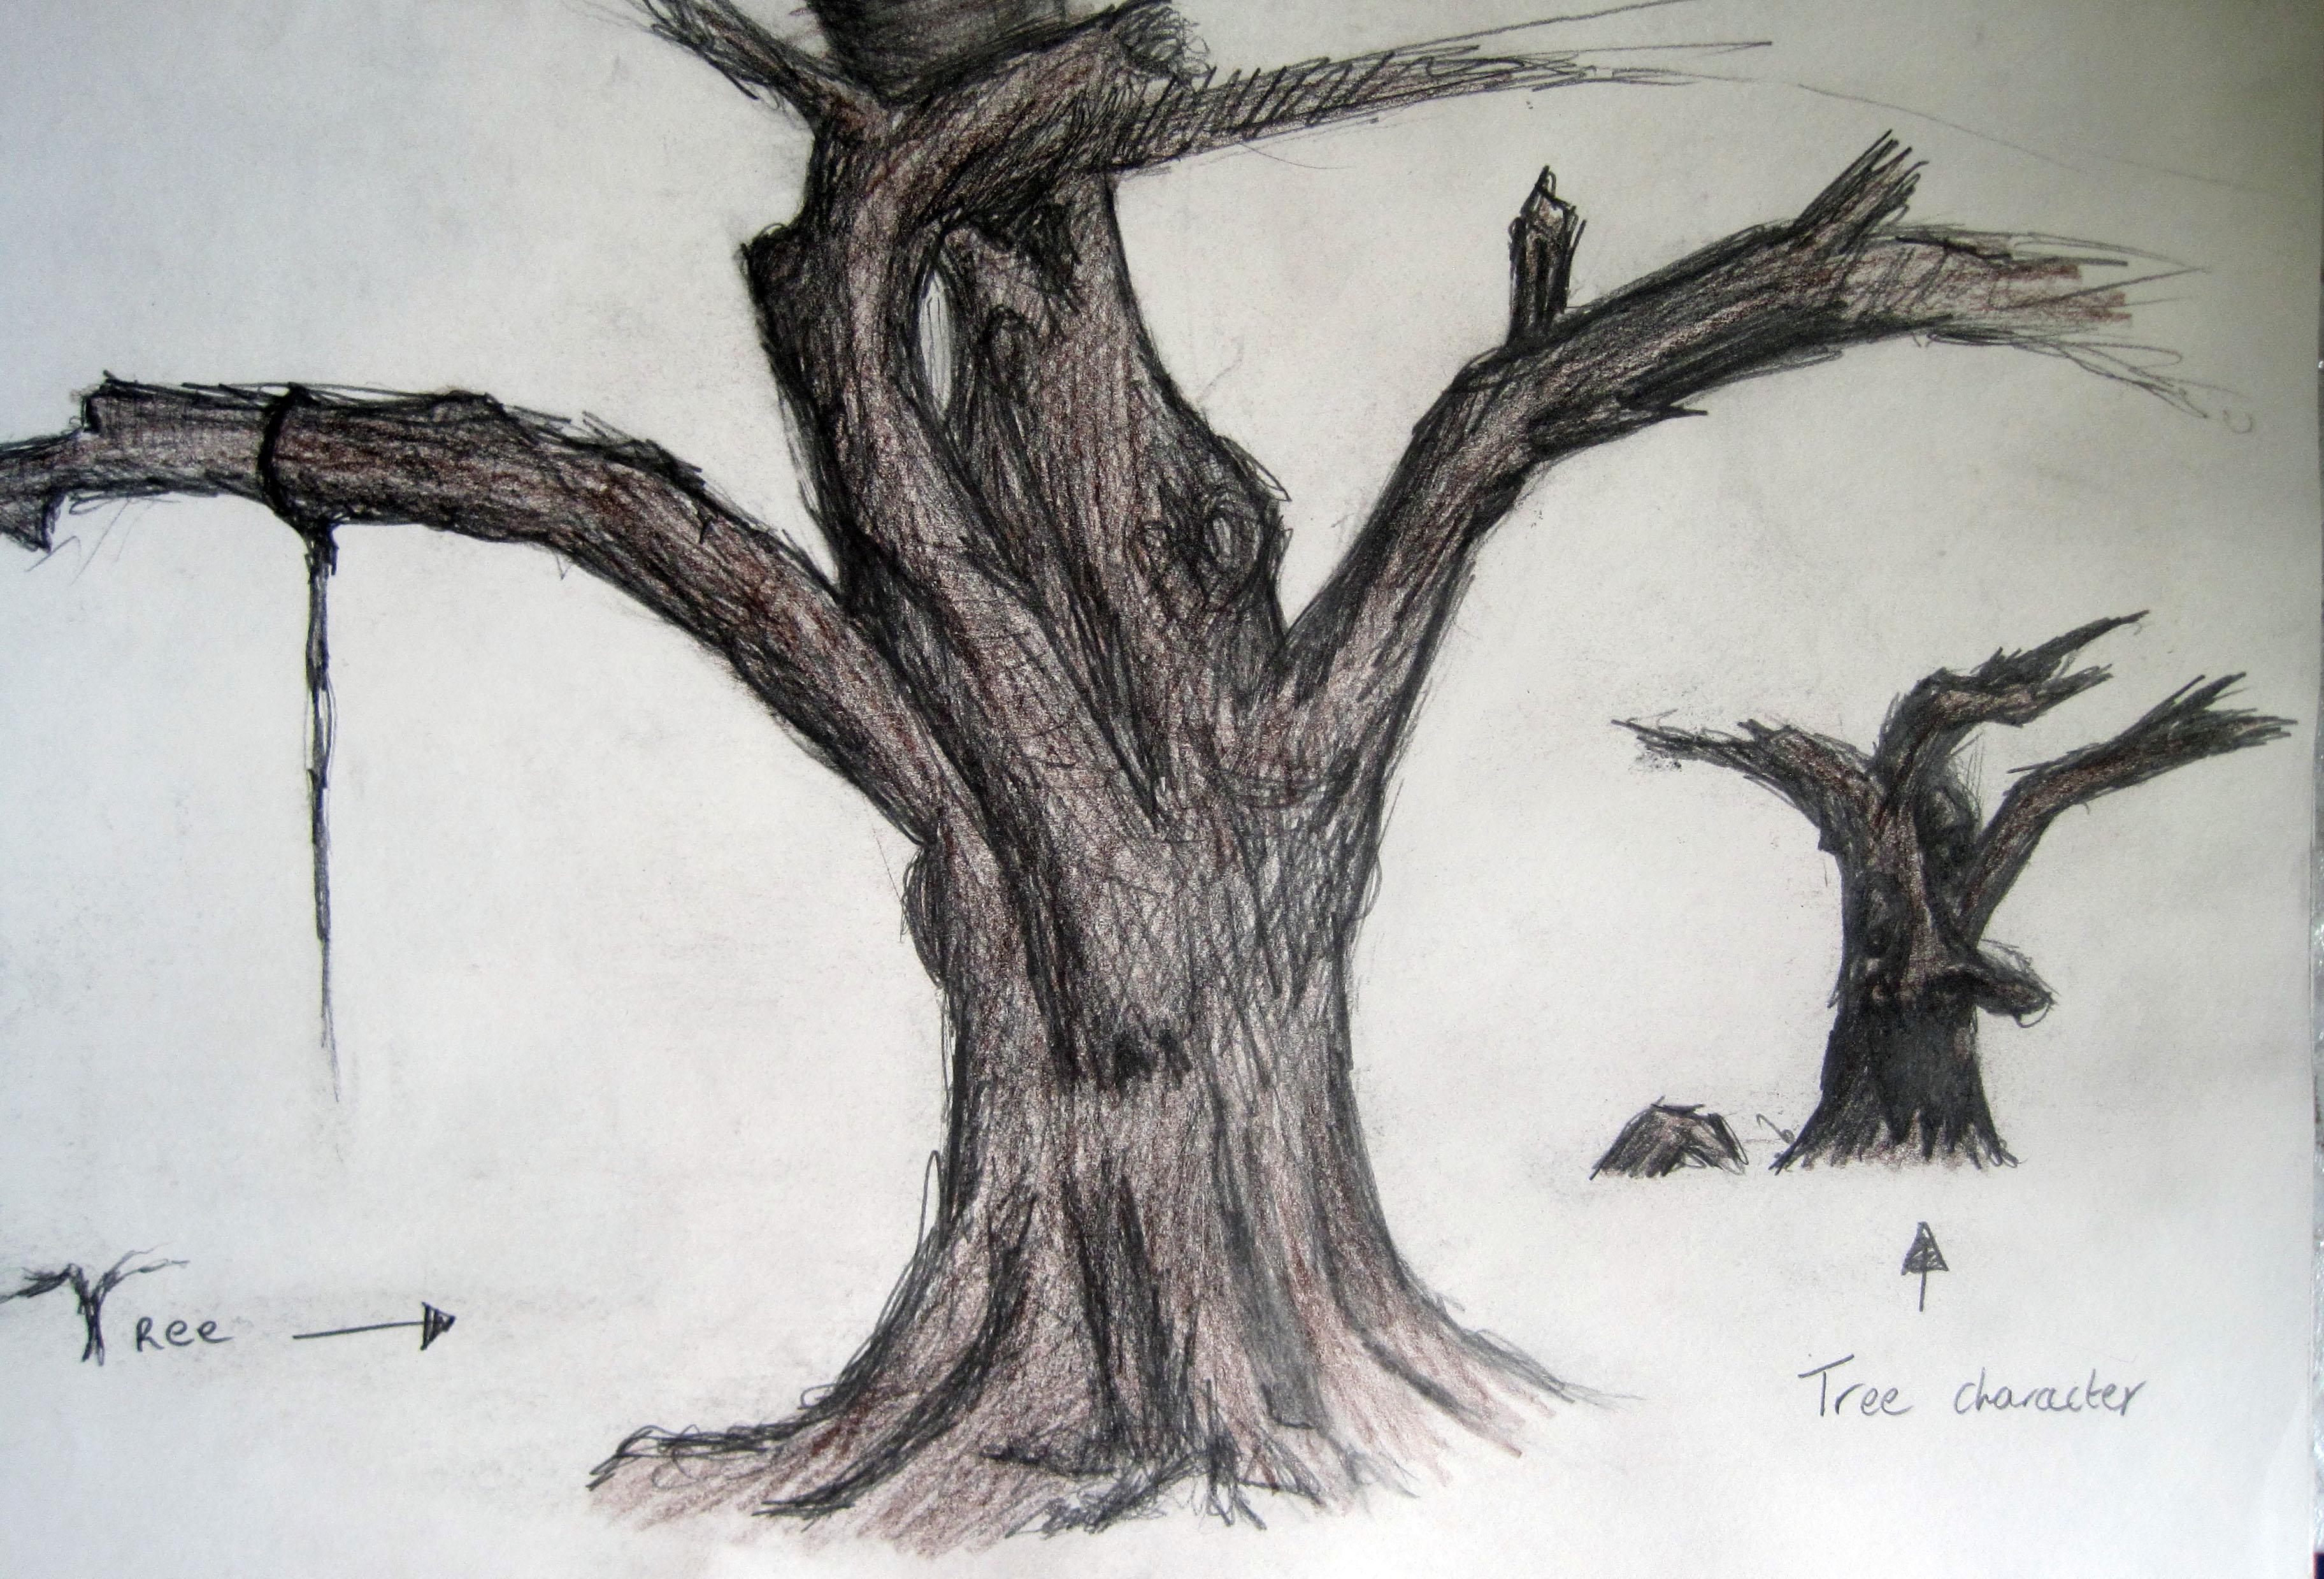 tree sketchbook drawings by fantomkilla on deviantart